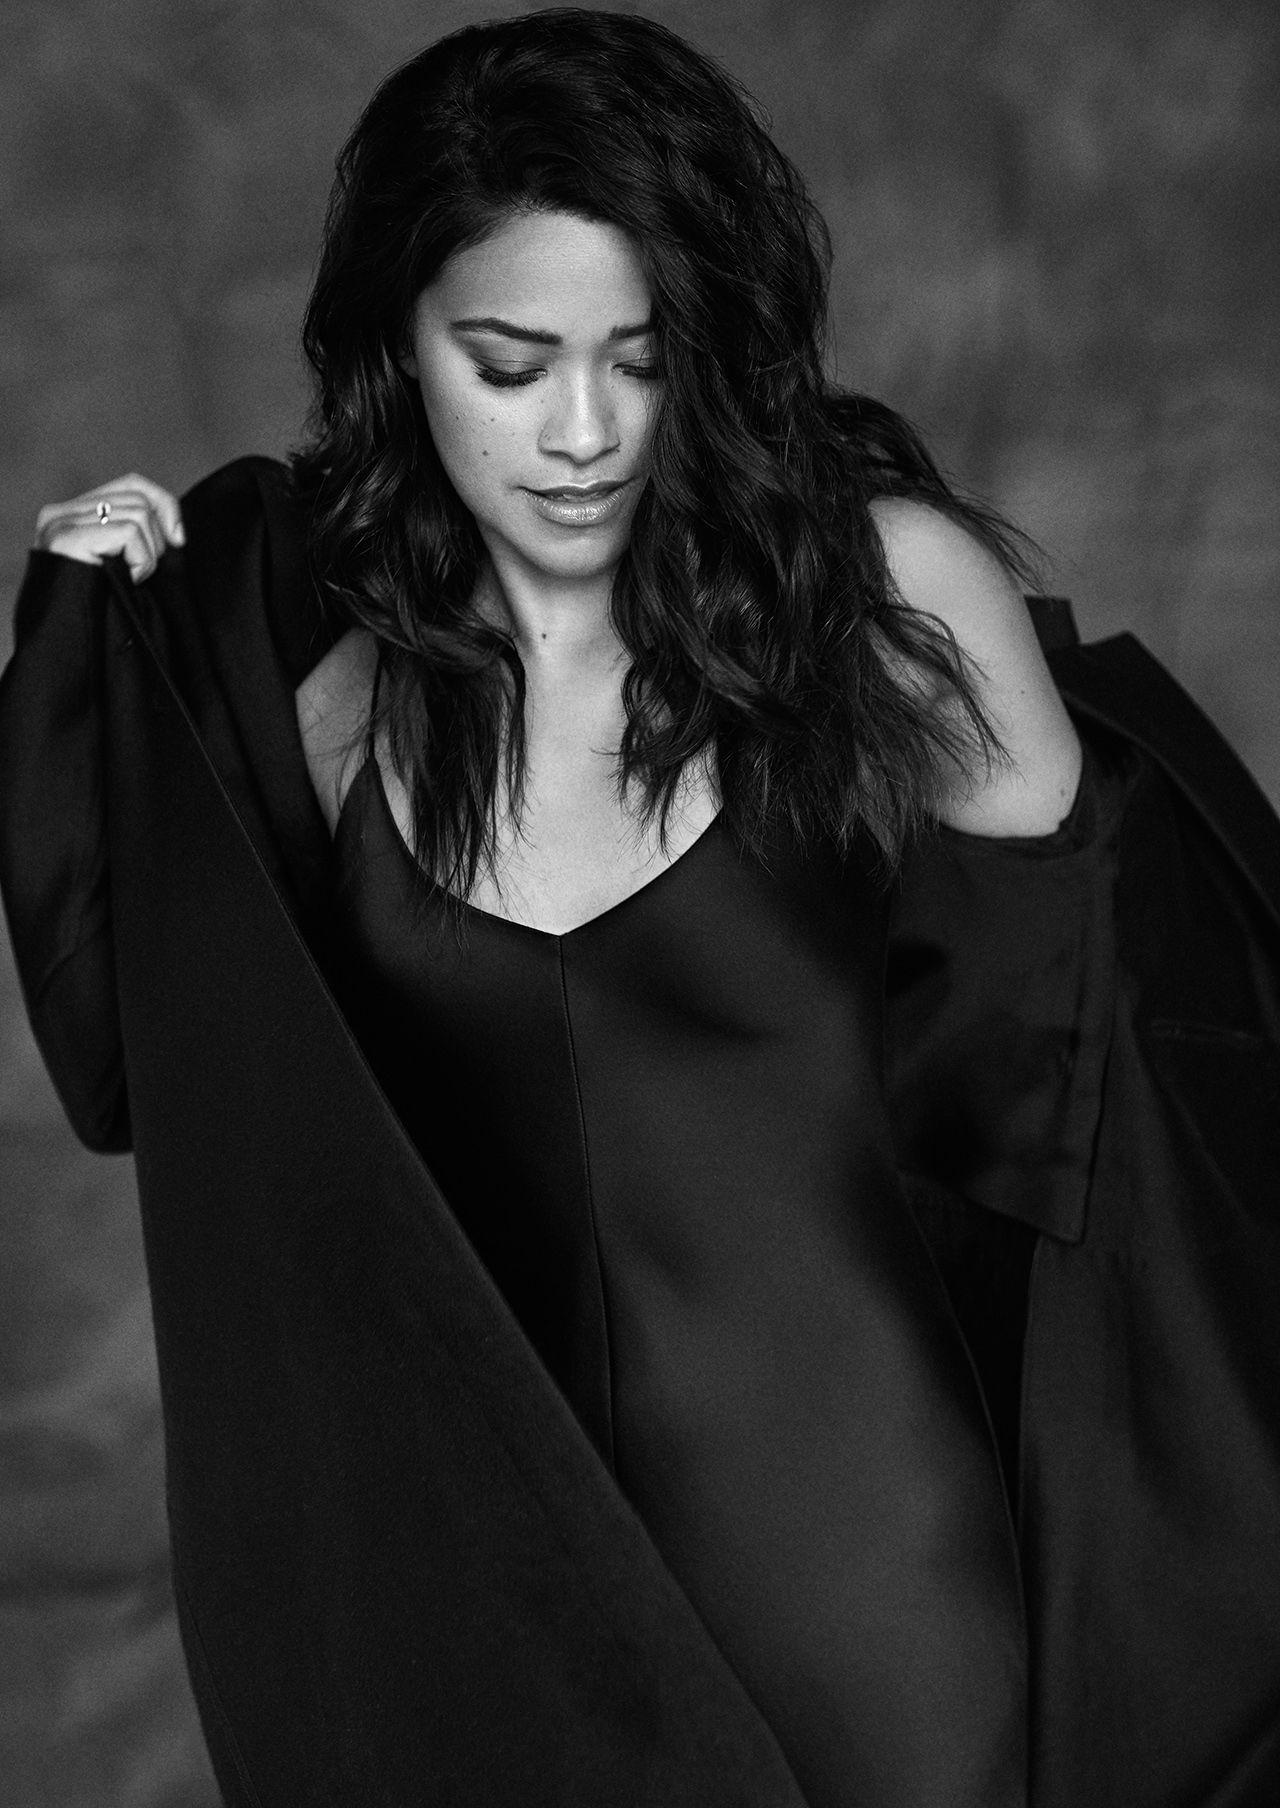 Gina Rodriguez Photoshoot For Yahoo Style 2016